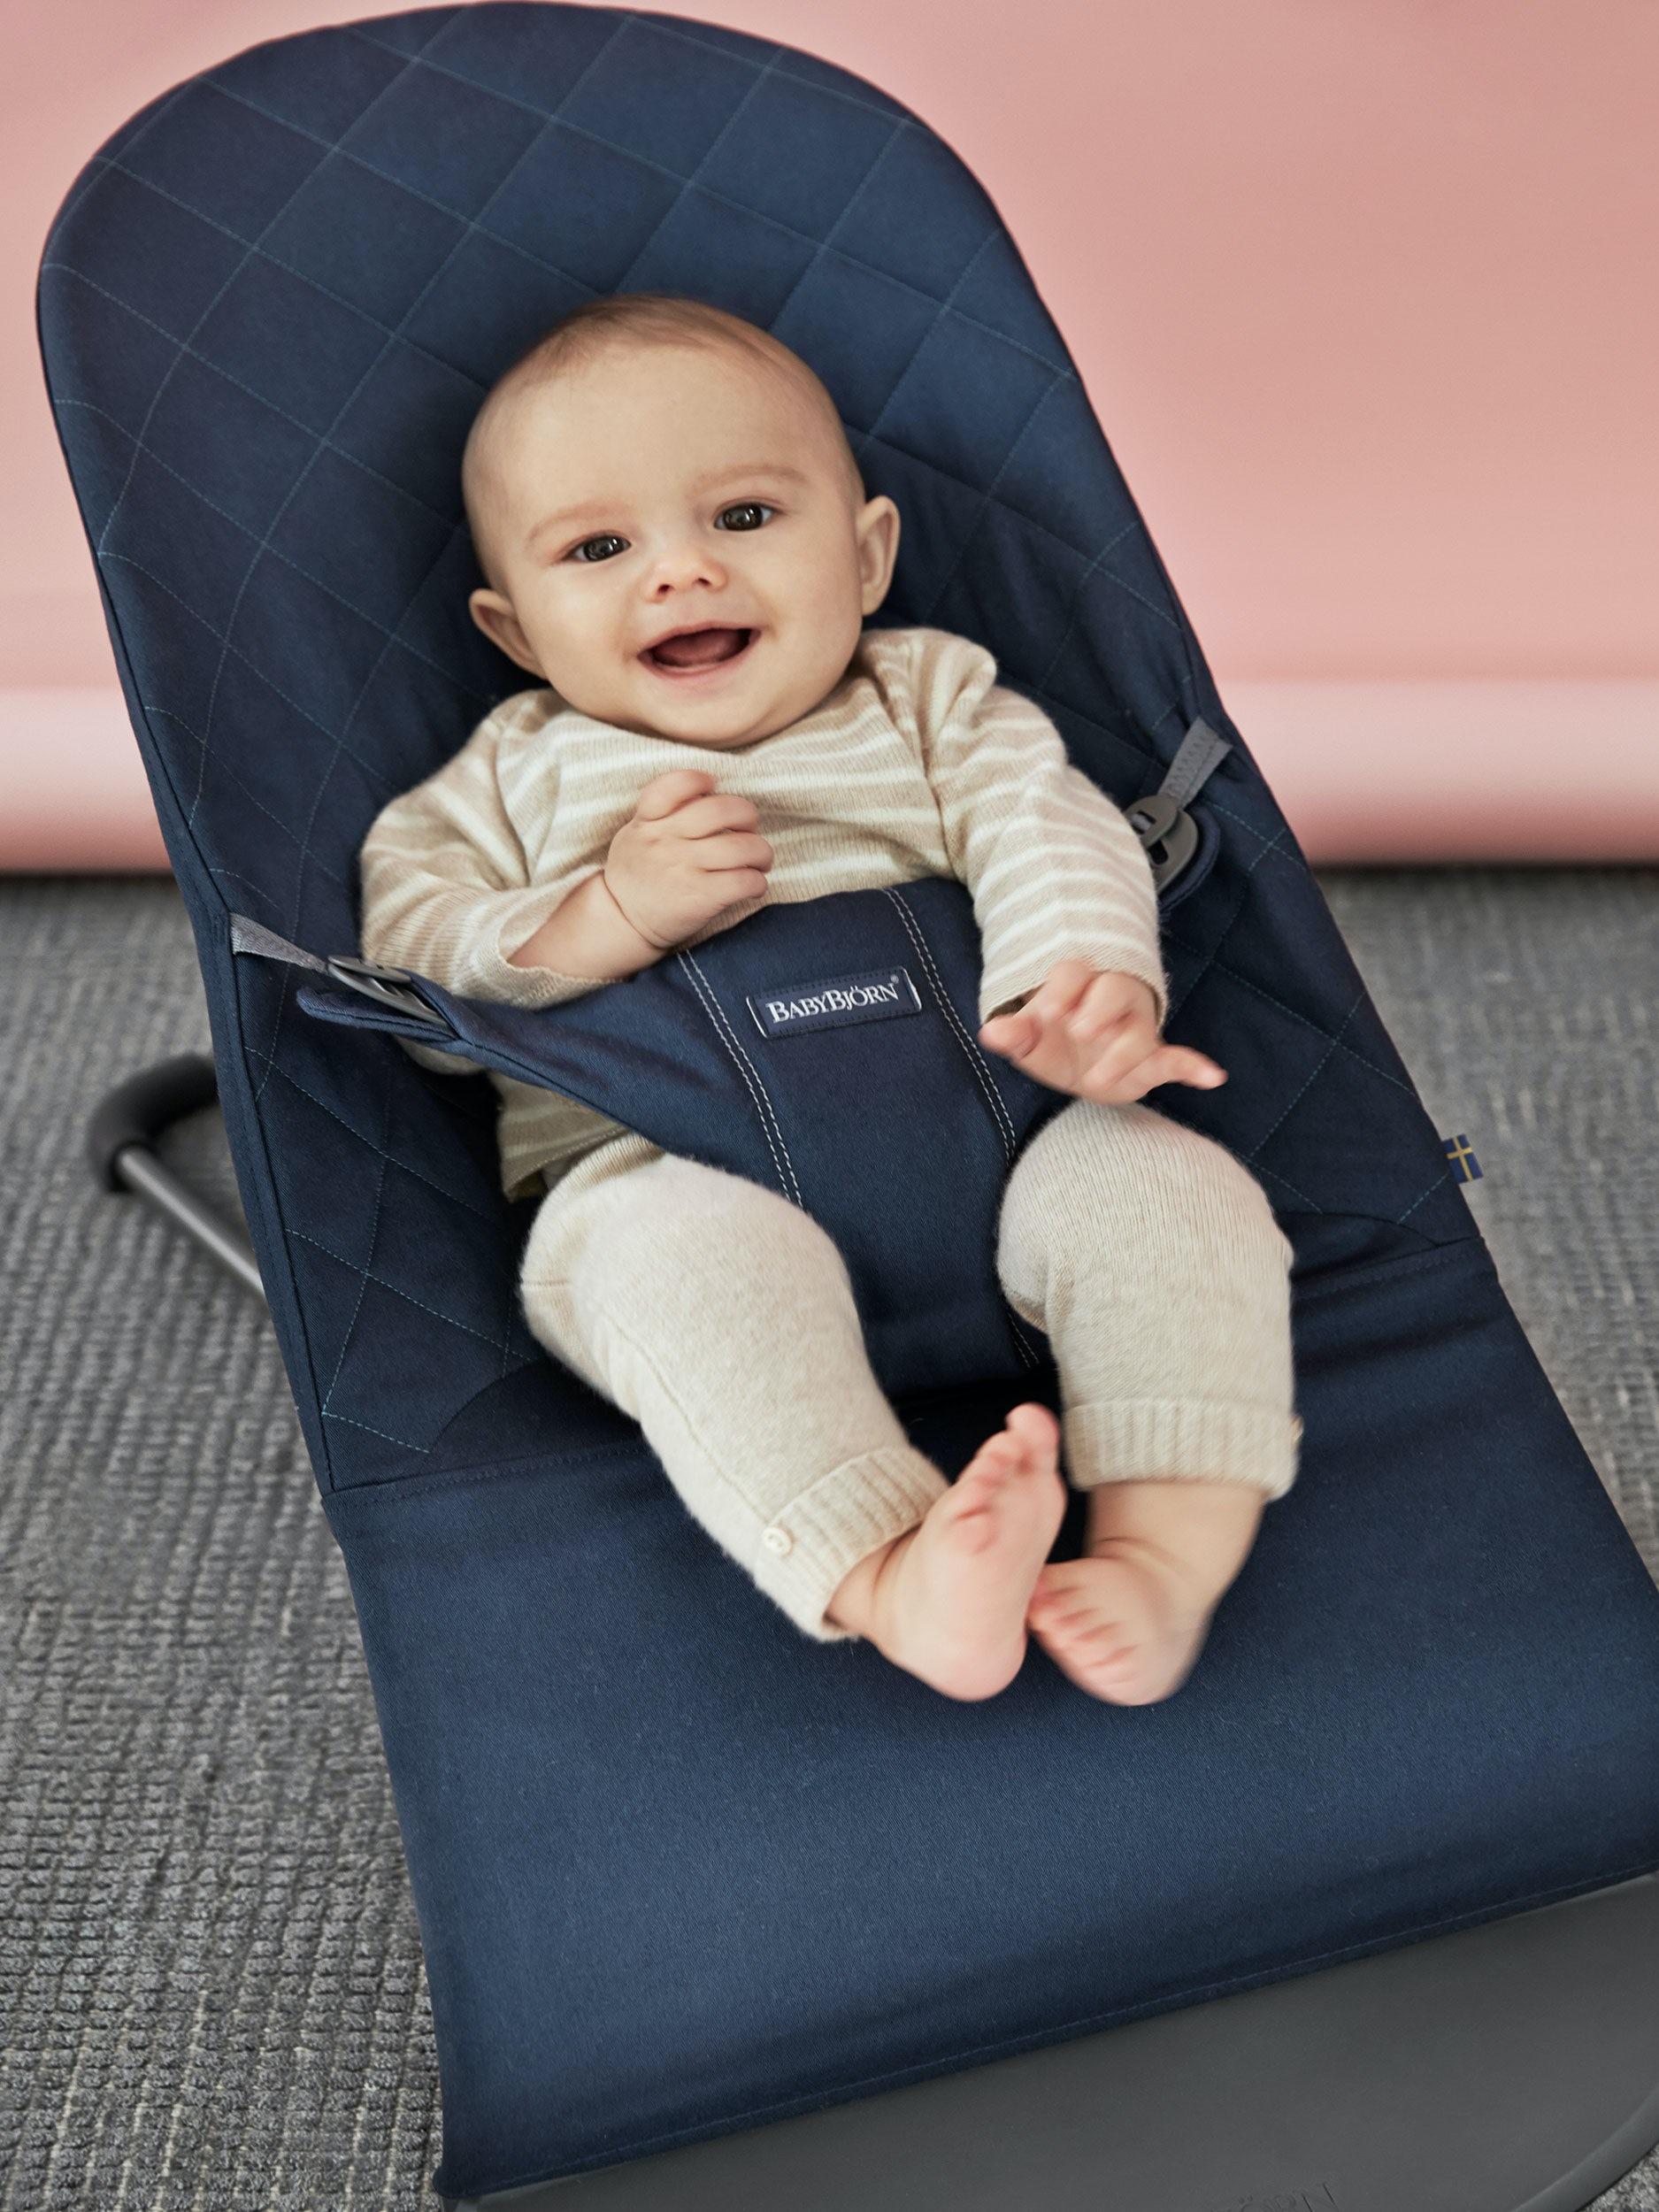 Babysitter Bliss i Midnattsblå Cotton - BABYBJÖRN